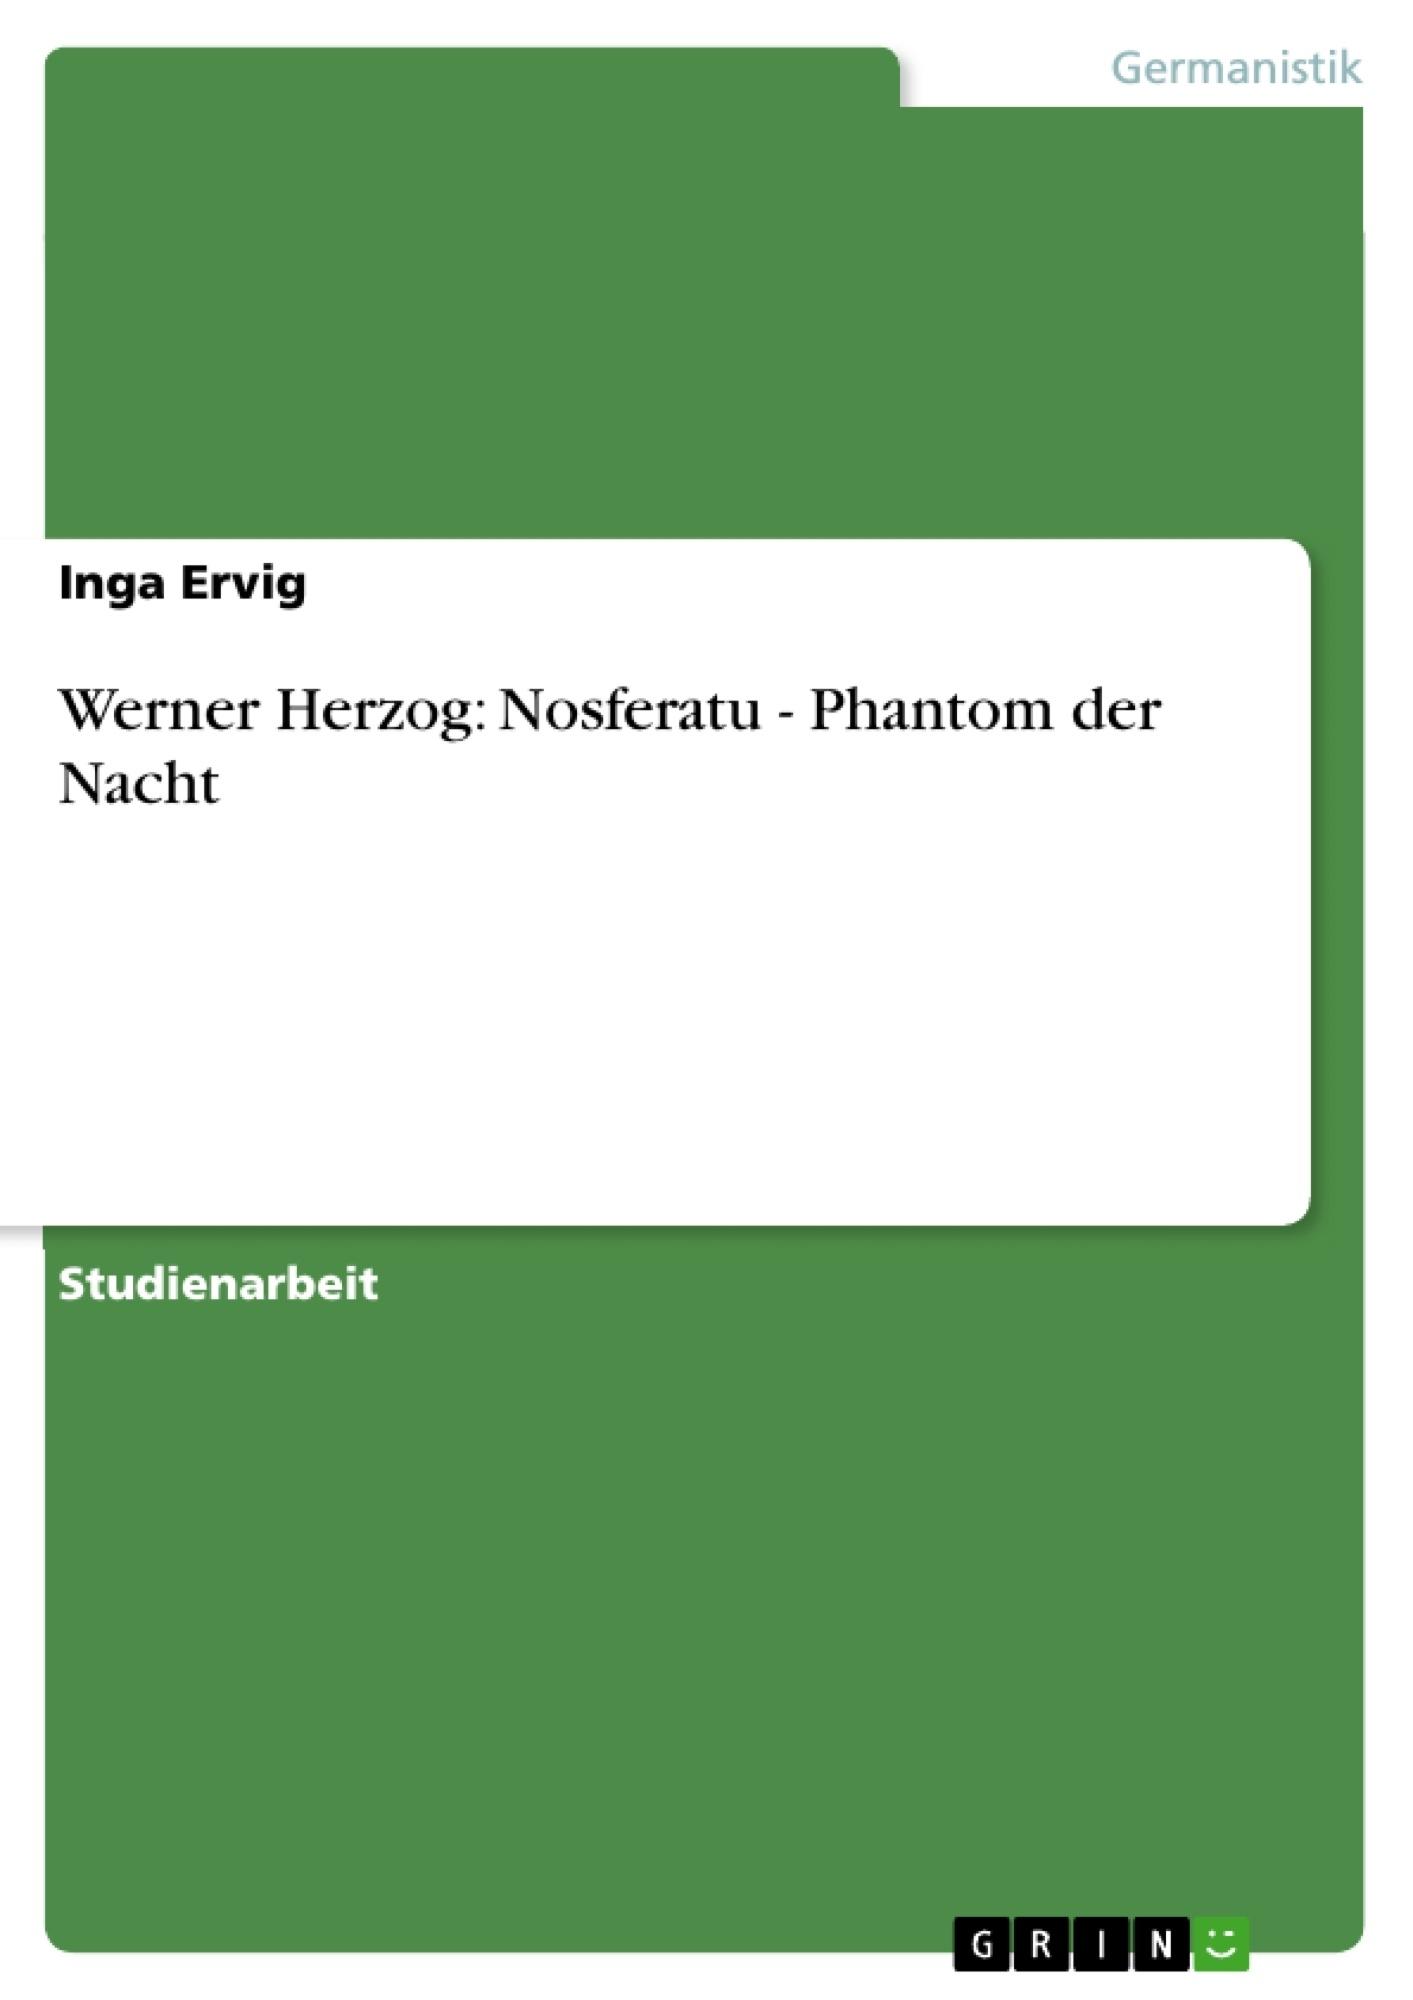 Titel: Werner Herzog: Nosferatu - Phantom der Nacht